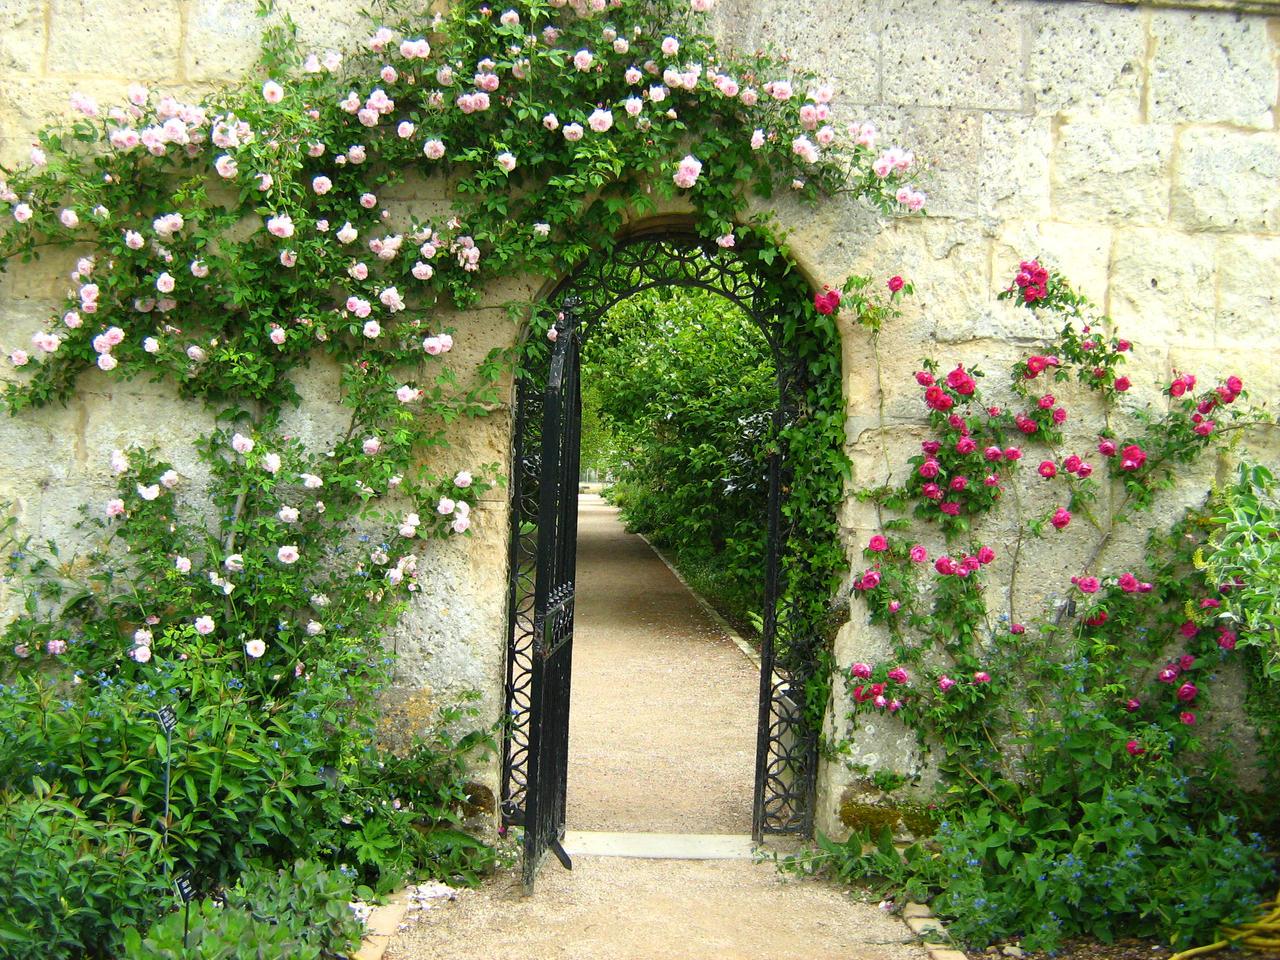 Romantic Gate by Eszies-Eszie